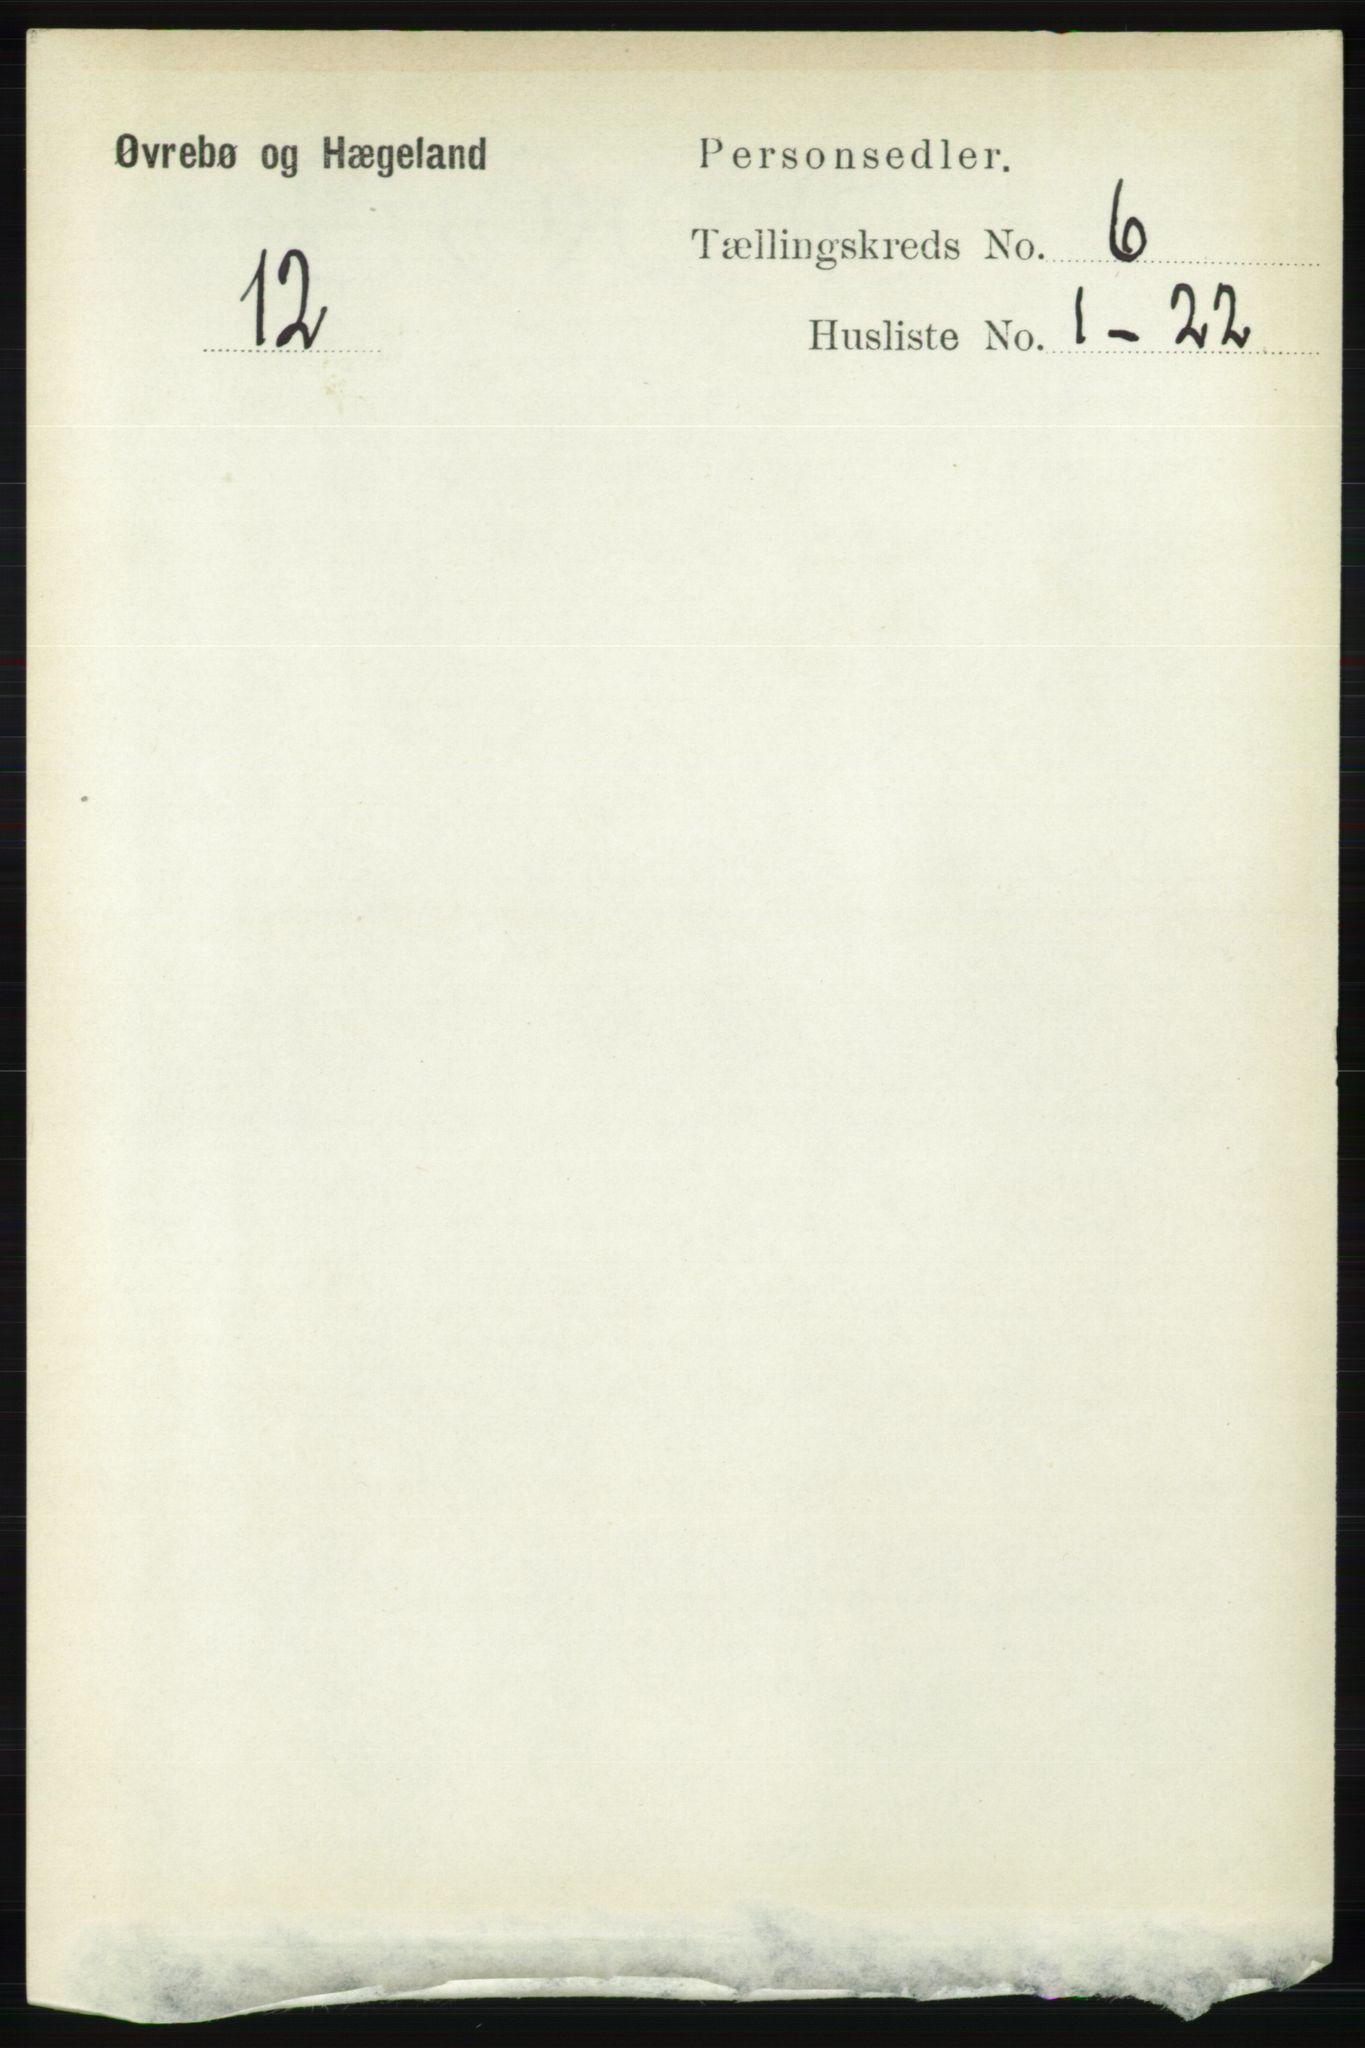 RA, Folketelling 1891 for 1016 Øvrebø og Hægeland herred, 1891, s. 1170